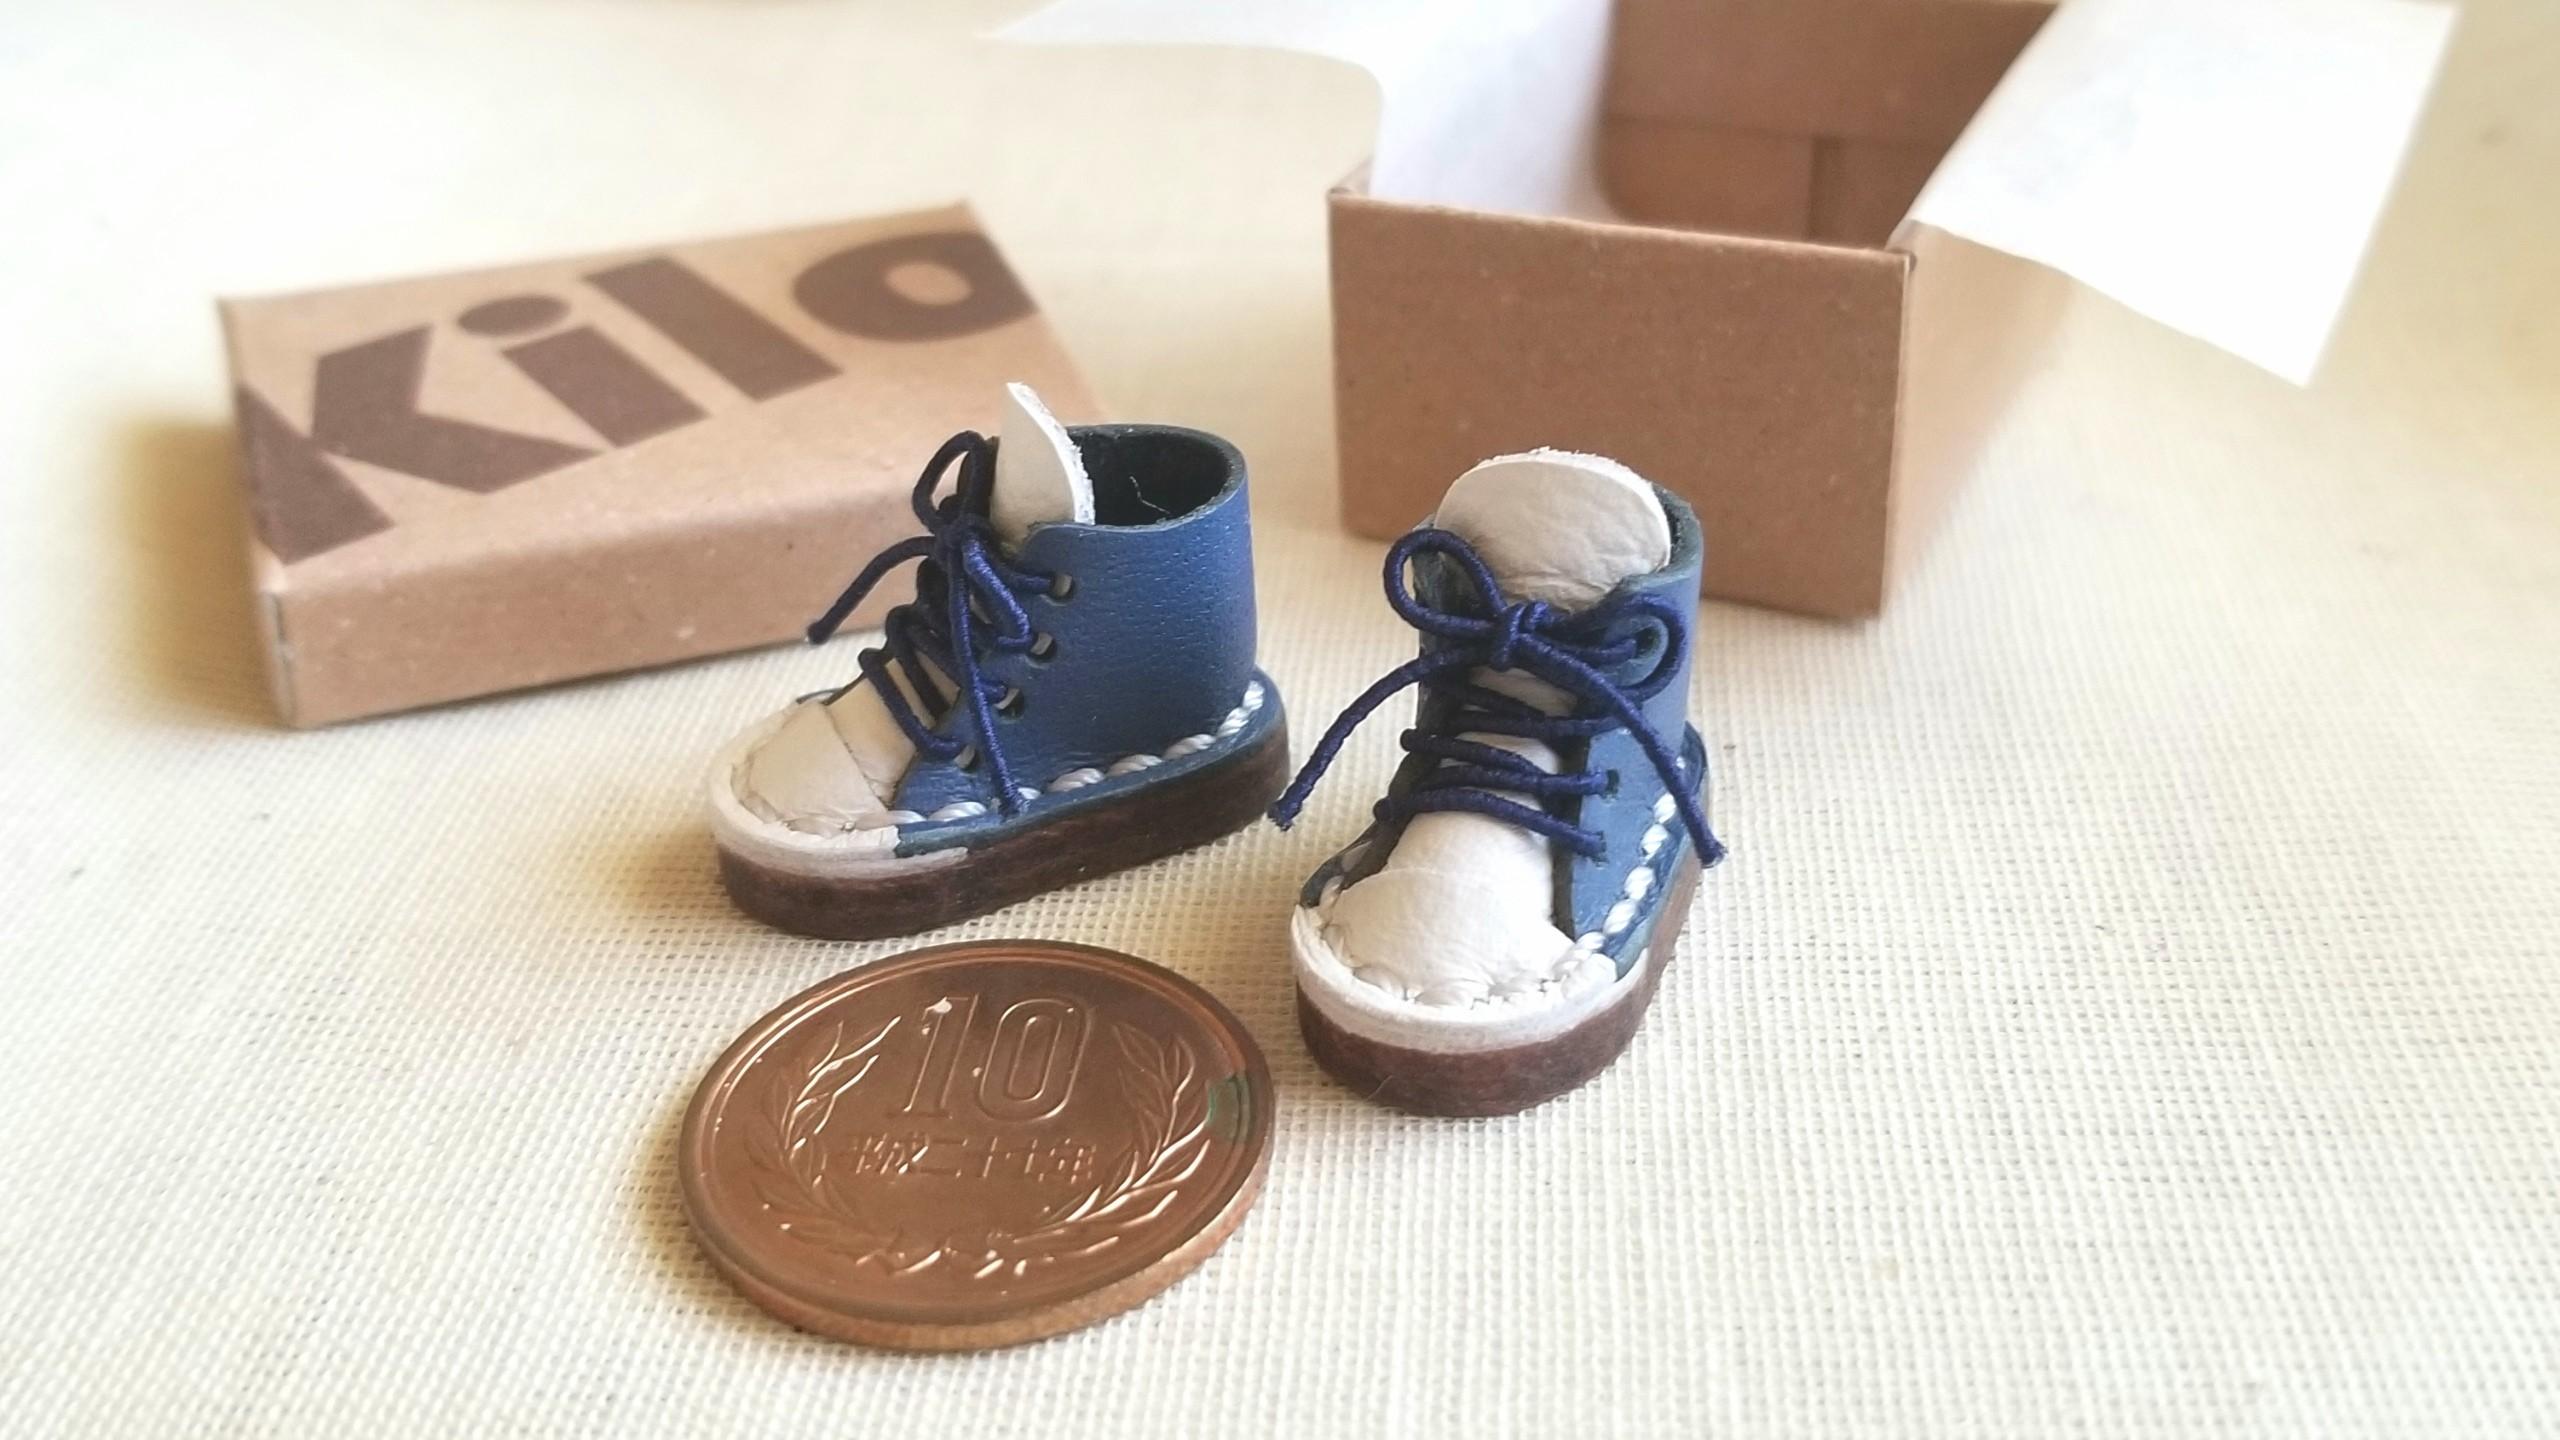 ミニチュア靴,ドール用小物,本皮スニーカー,kilo工房,ミンネで購入品